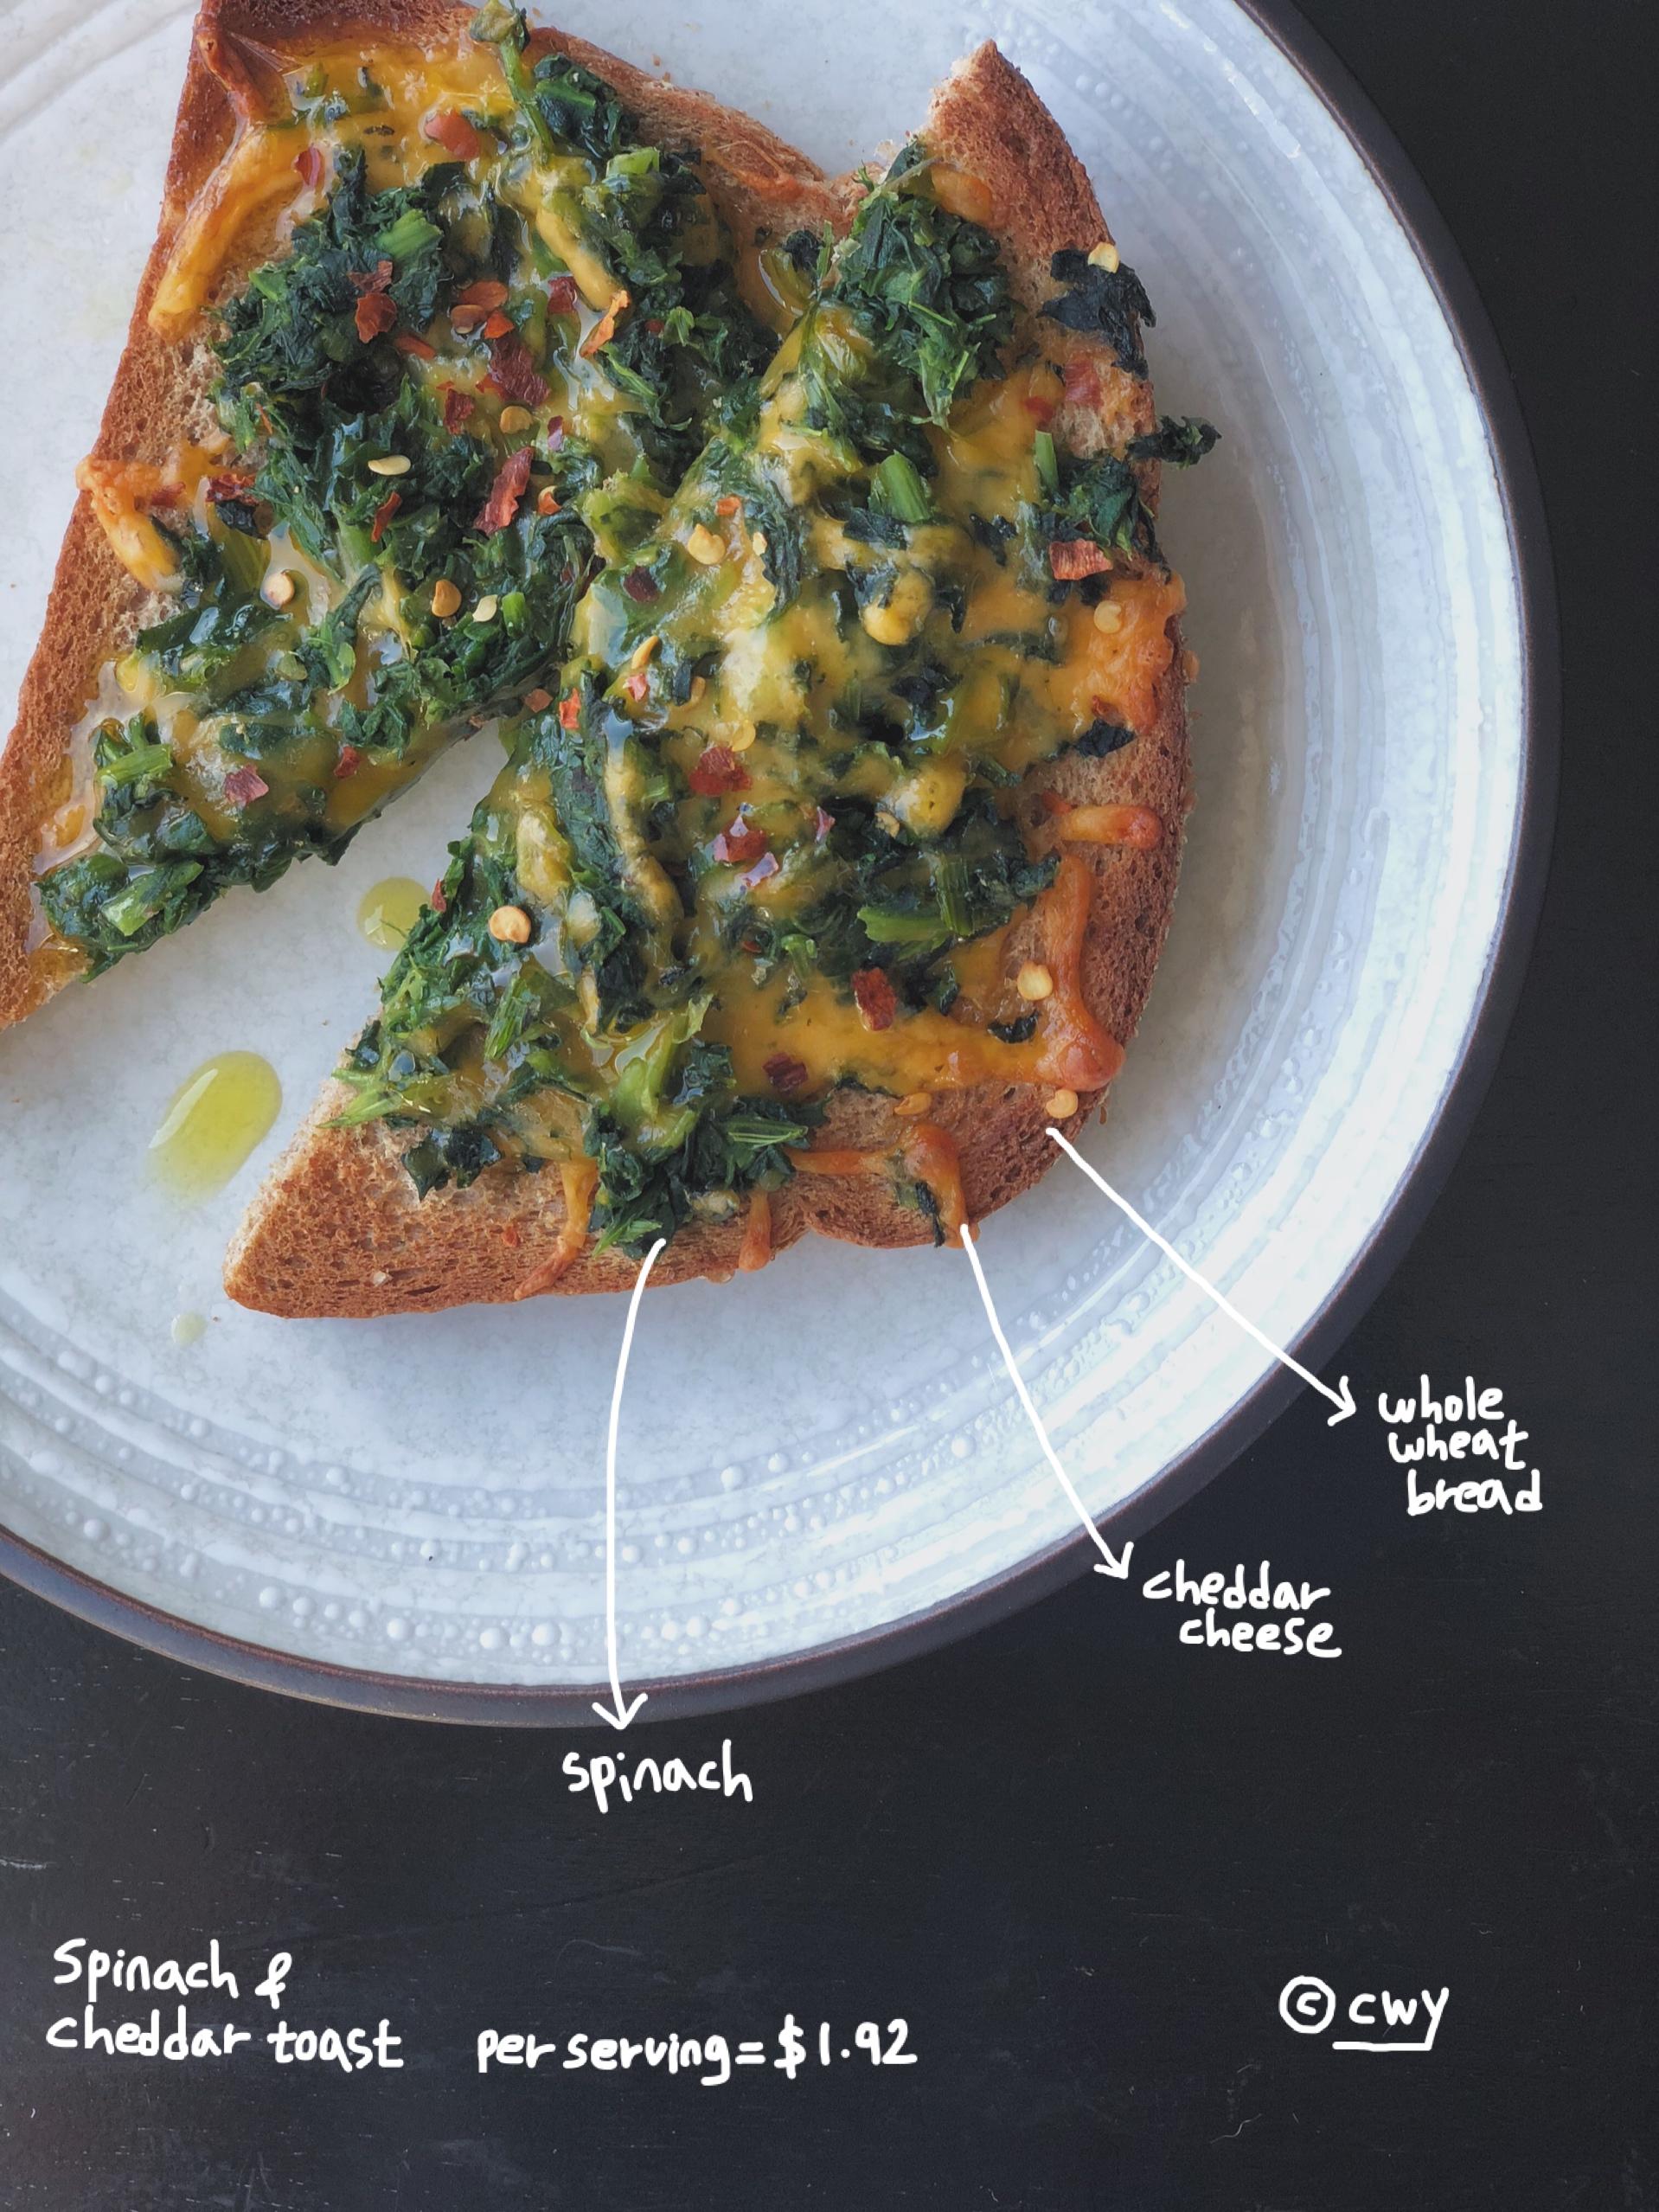 spinach_cheddar_toast.jpg